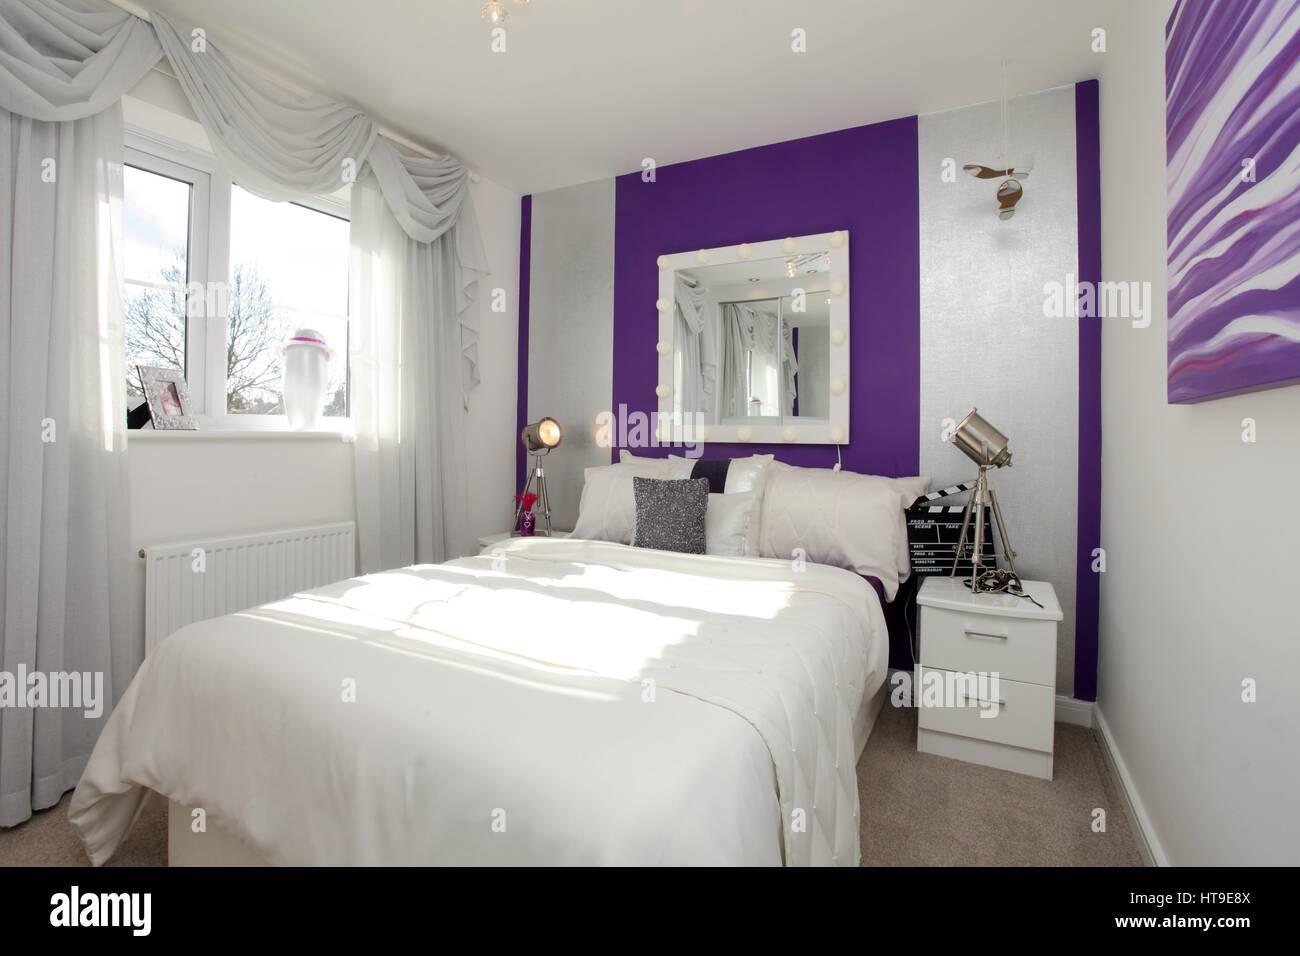 Home intérieur, chambre, décoration, mur violet caractéristique